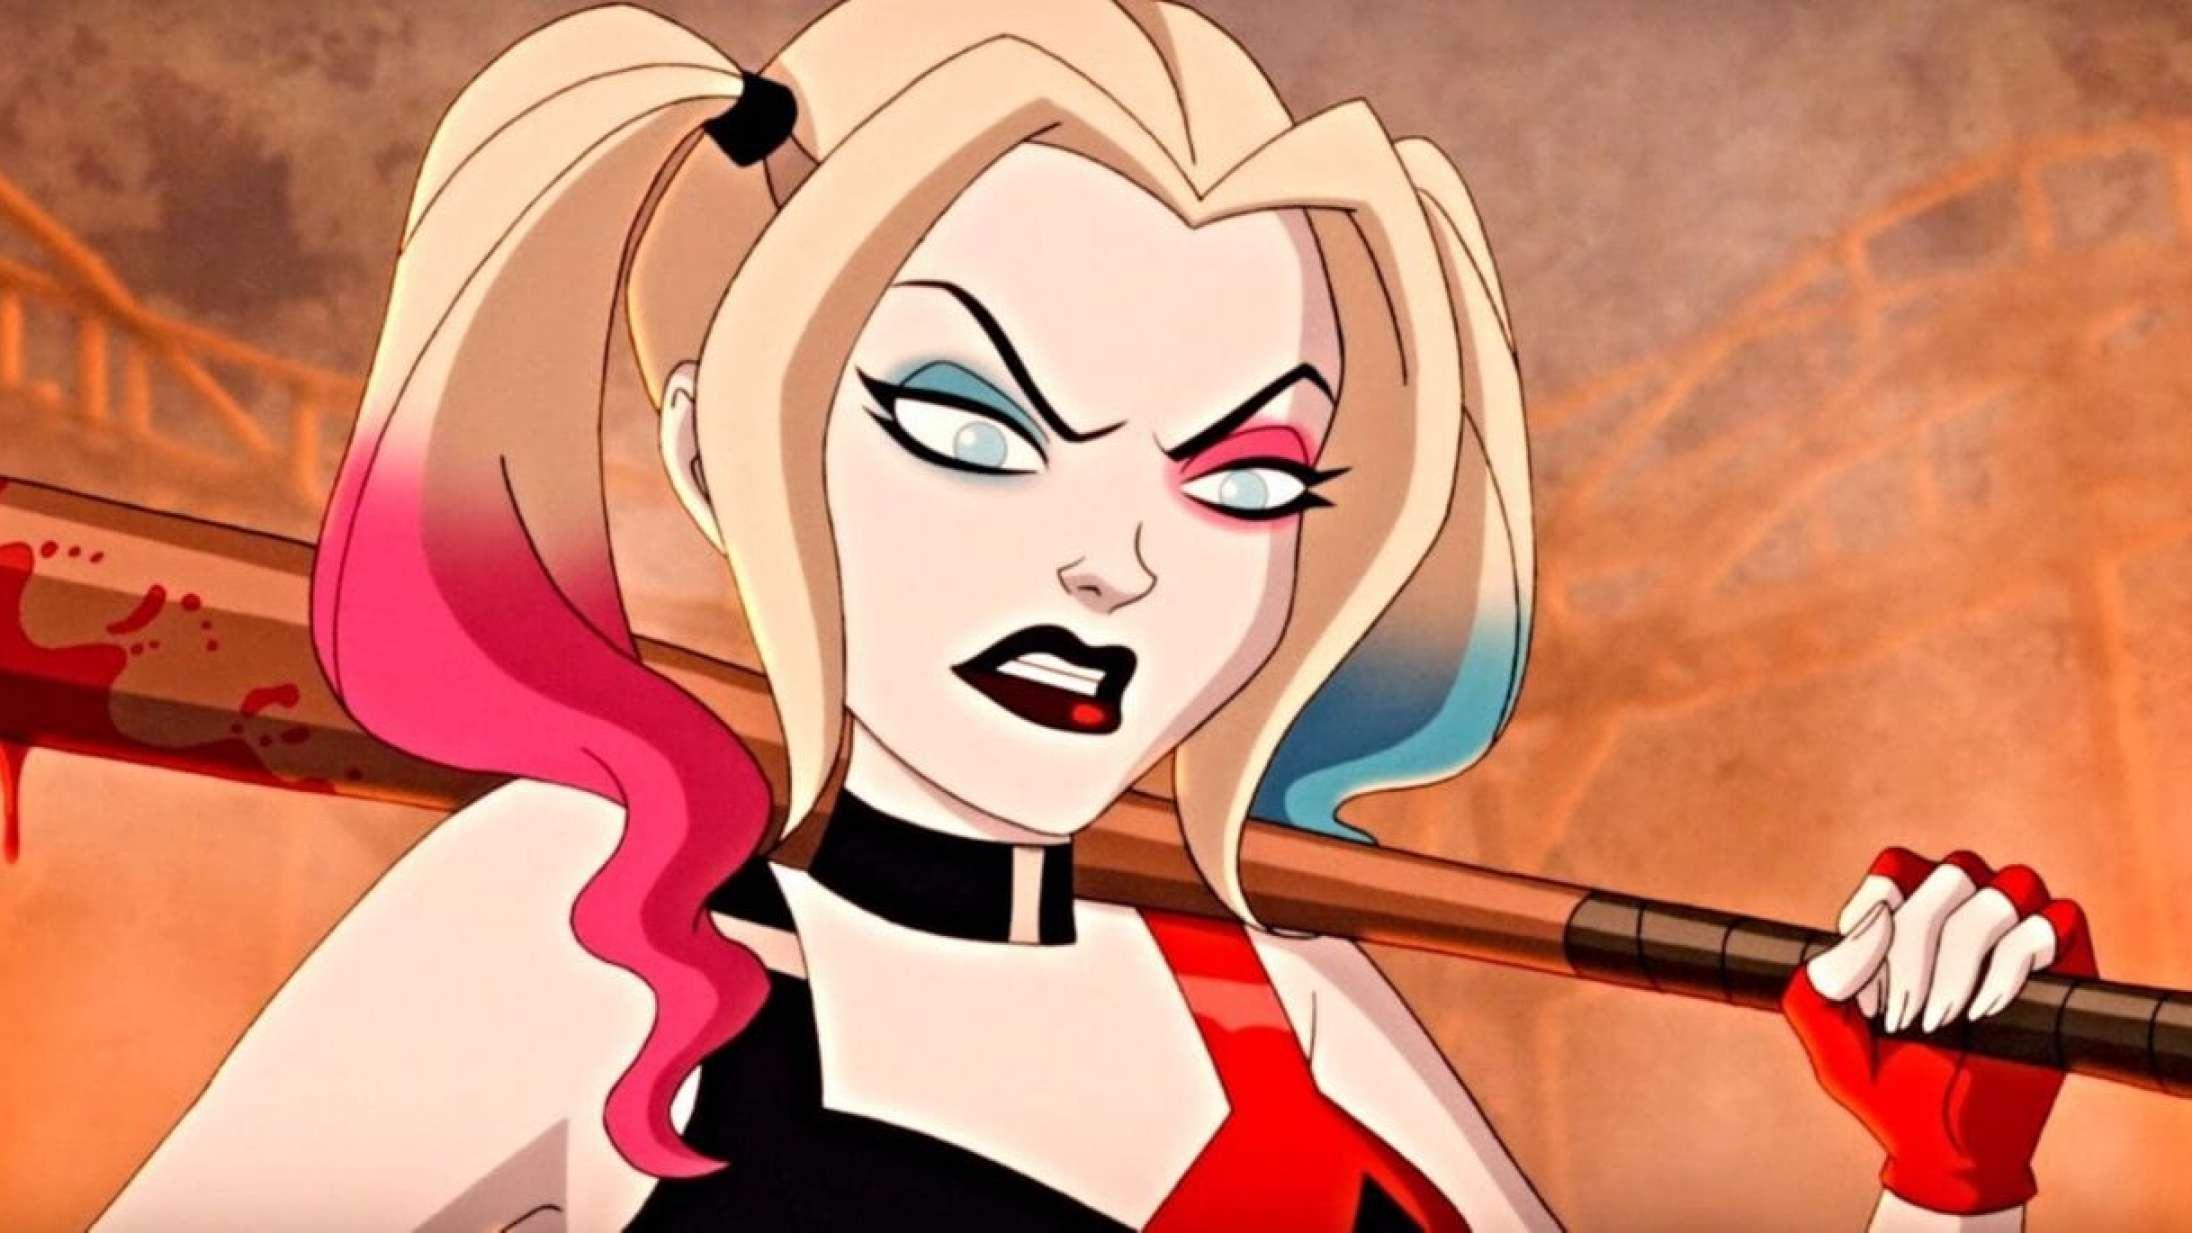 DC siger nej til sexscener: »Man kan ikke sælge legetøj, hvis Batman giver nogen oralsex«